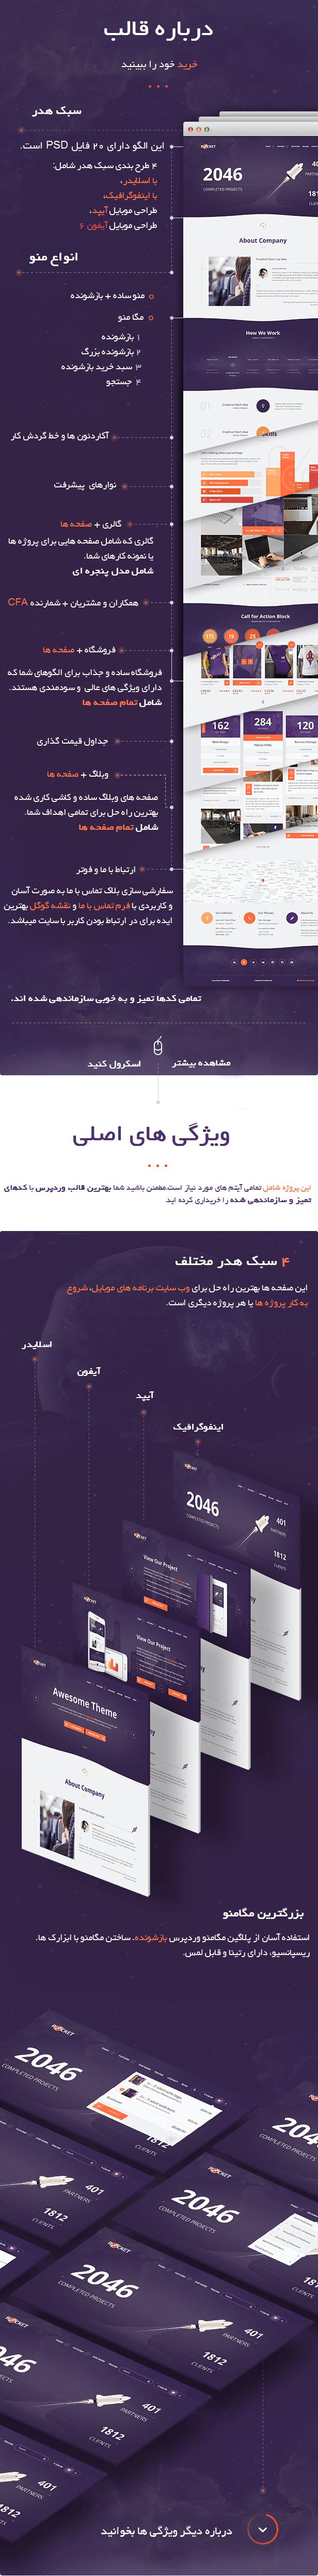 دانلود قالب rocket اورجینال فارسی